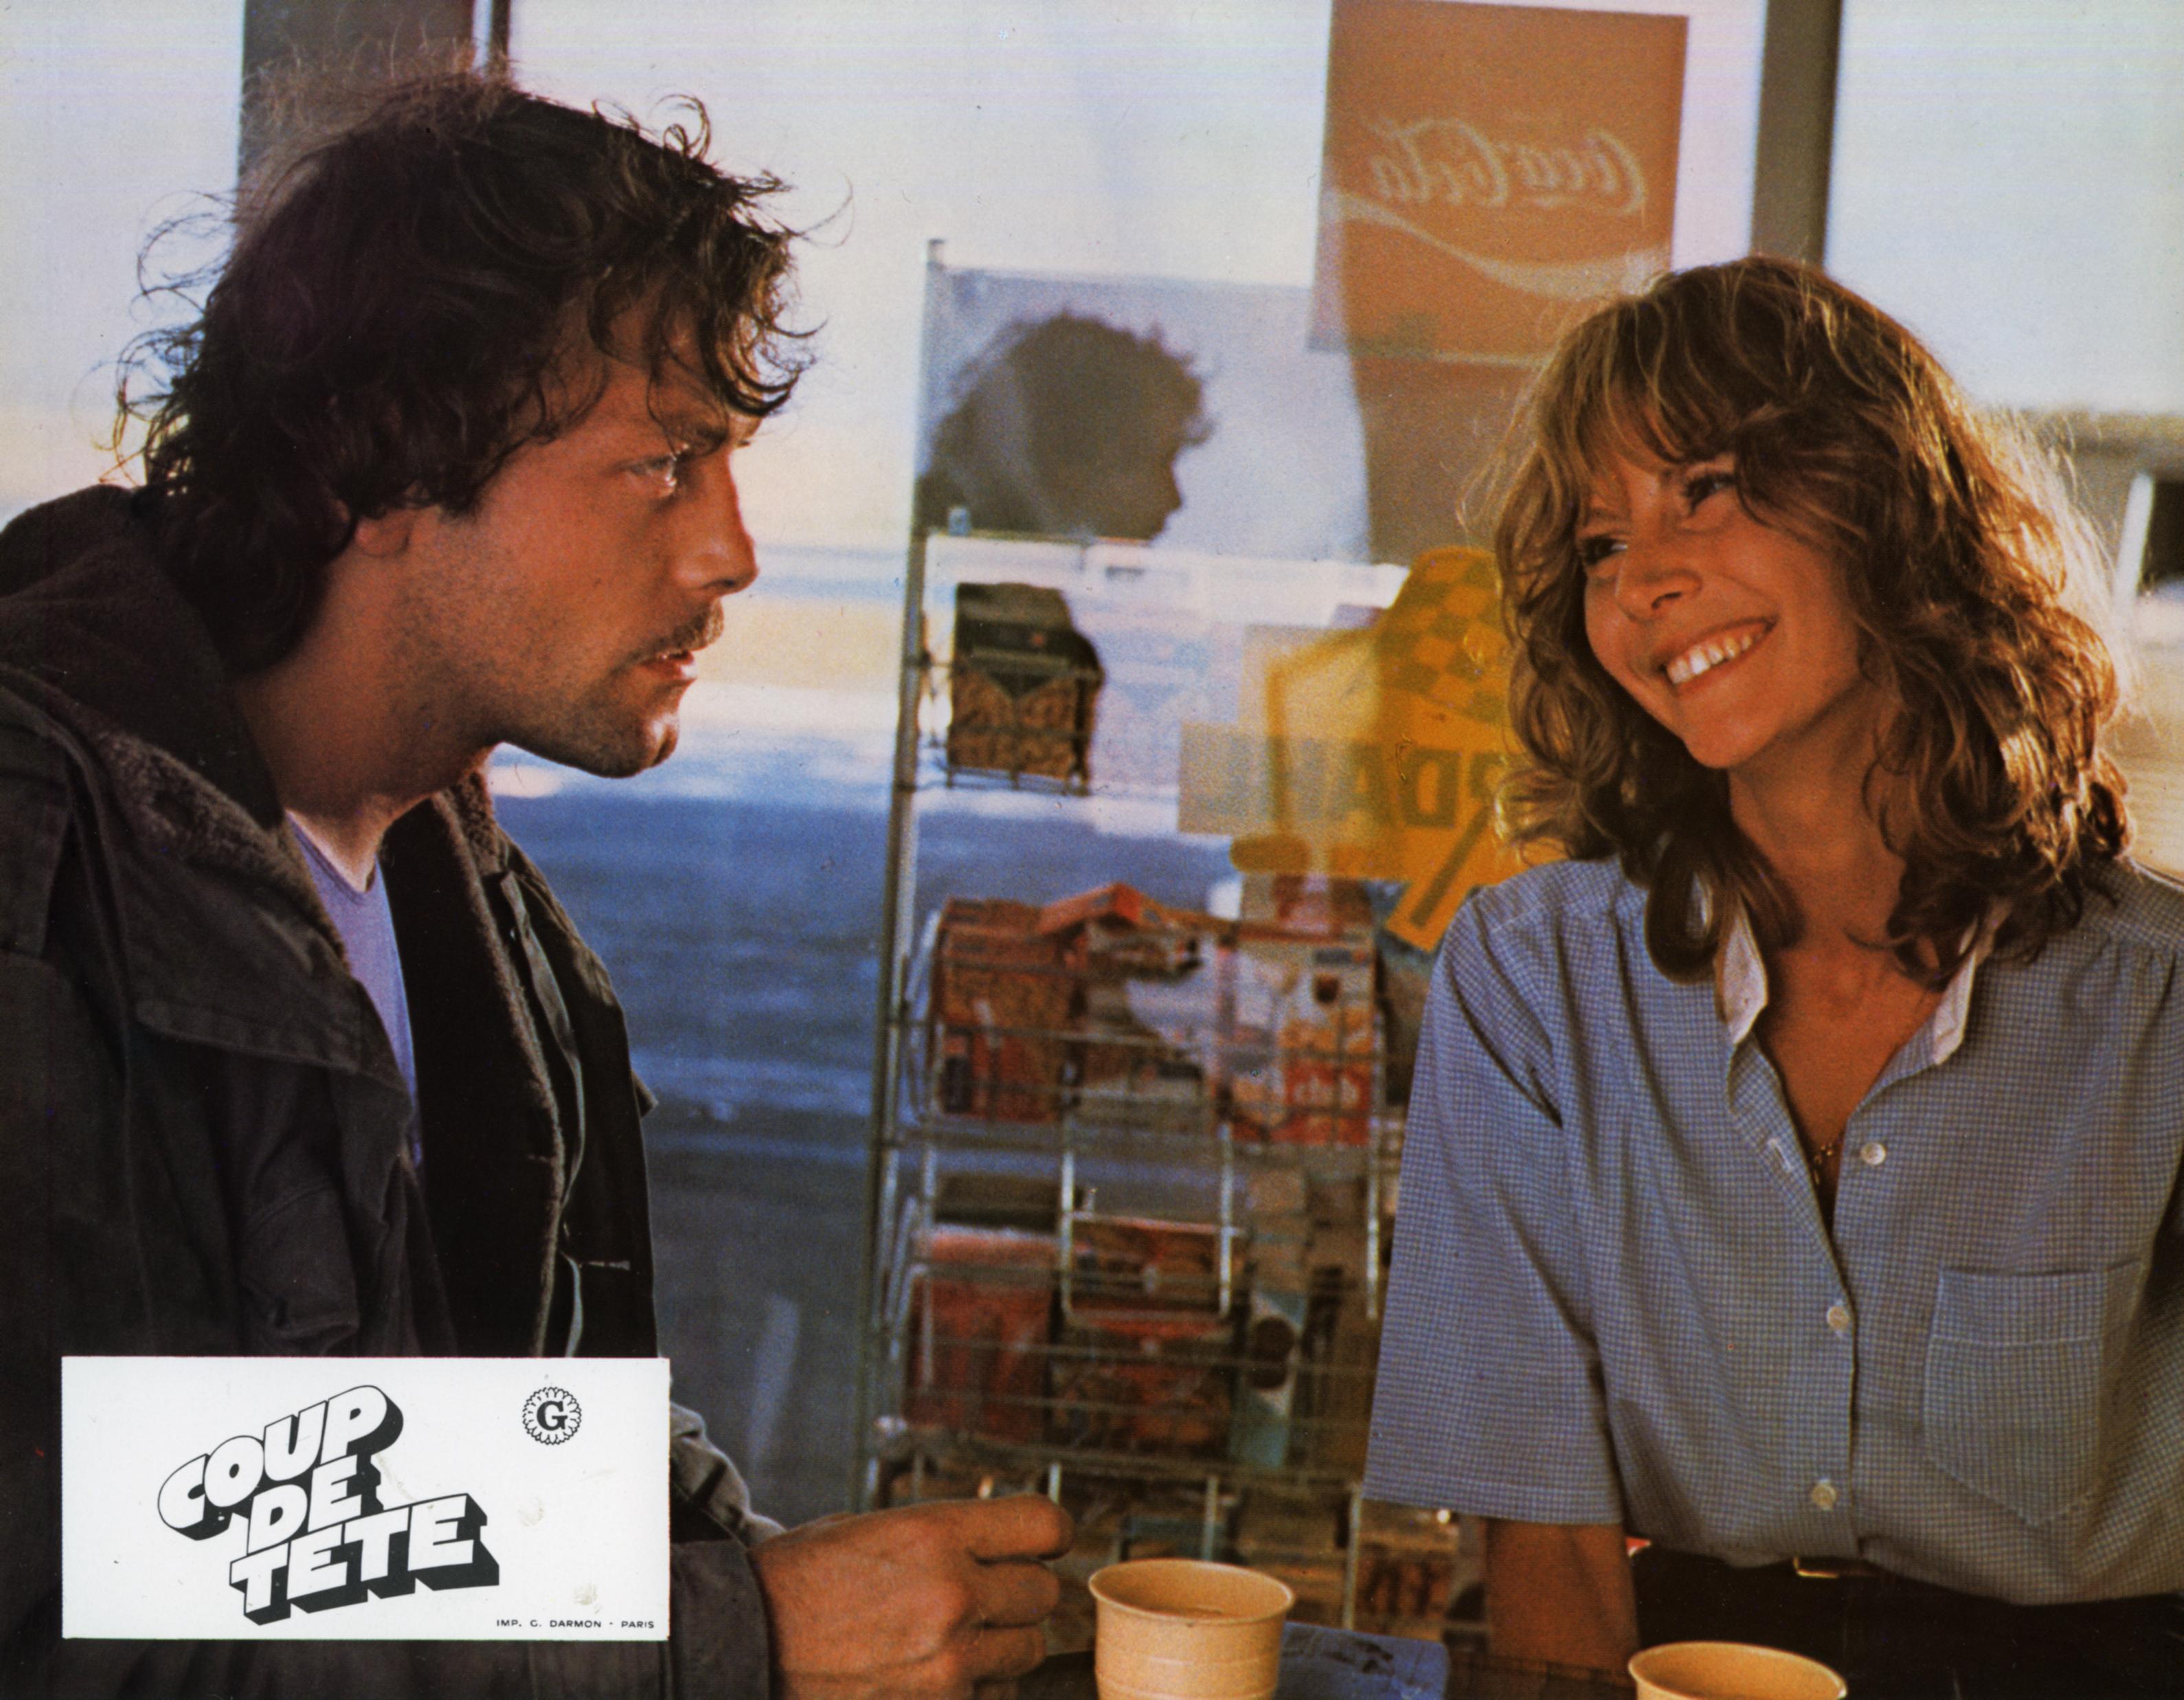 Patrick Dewaere and France Dougnac in Coup de tête (1979)